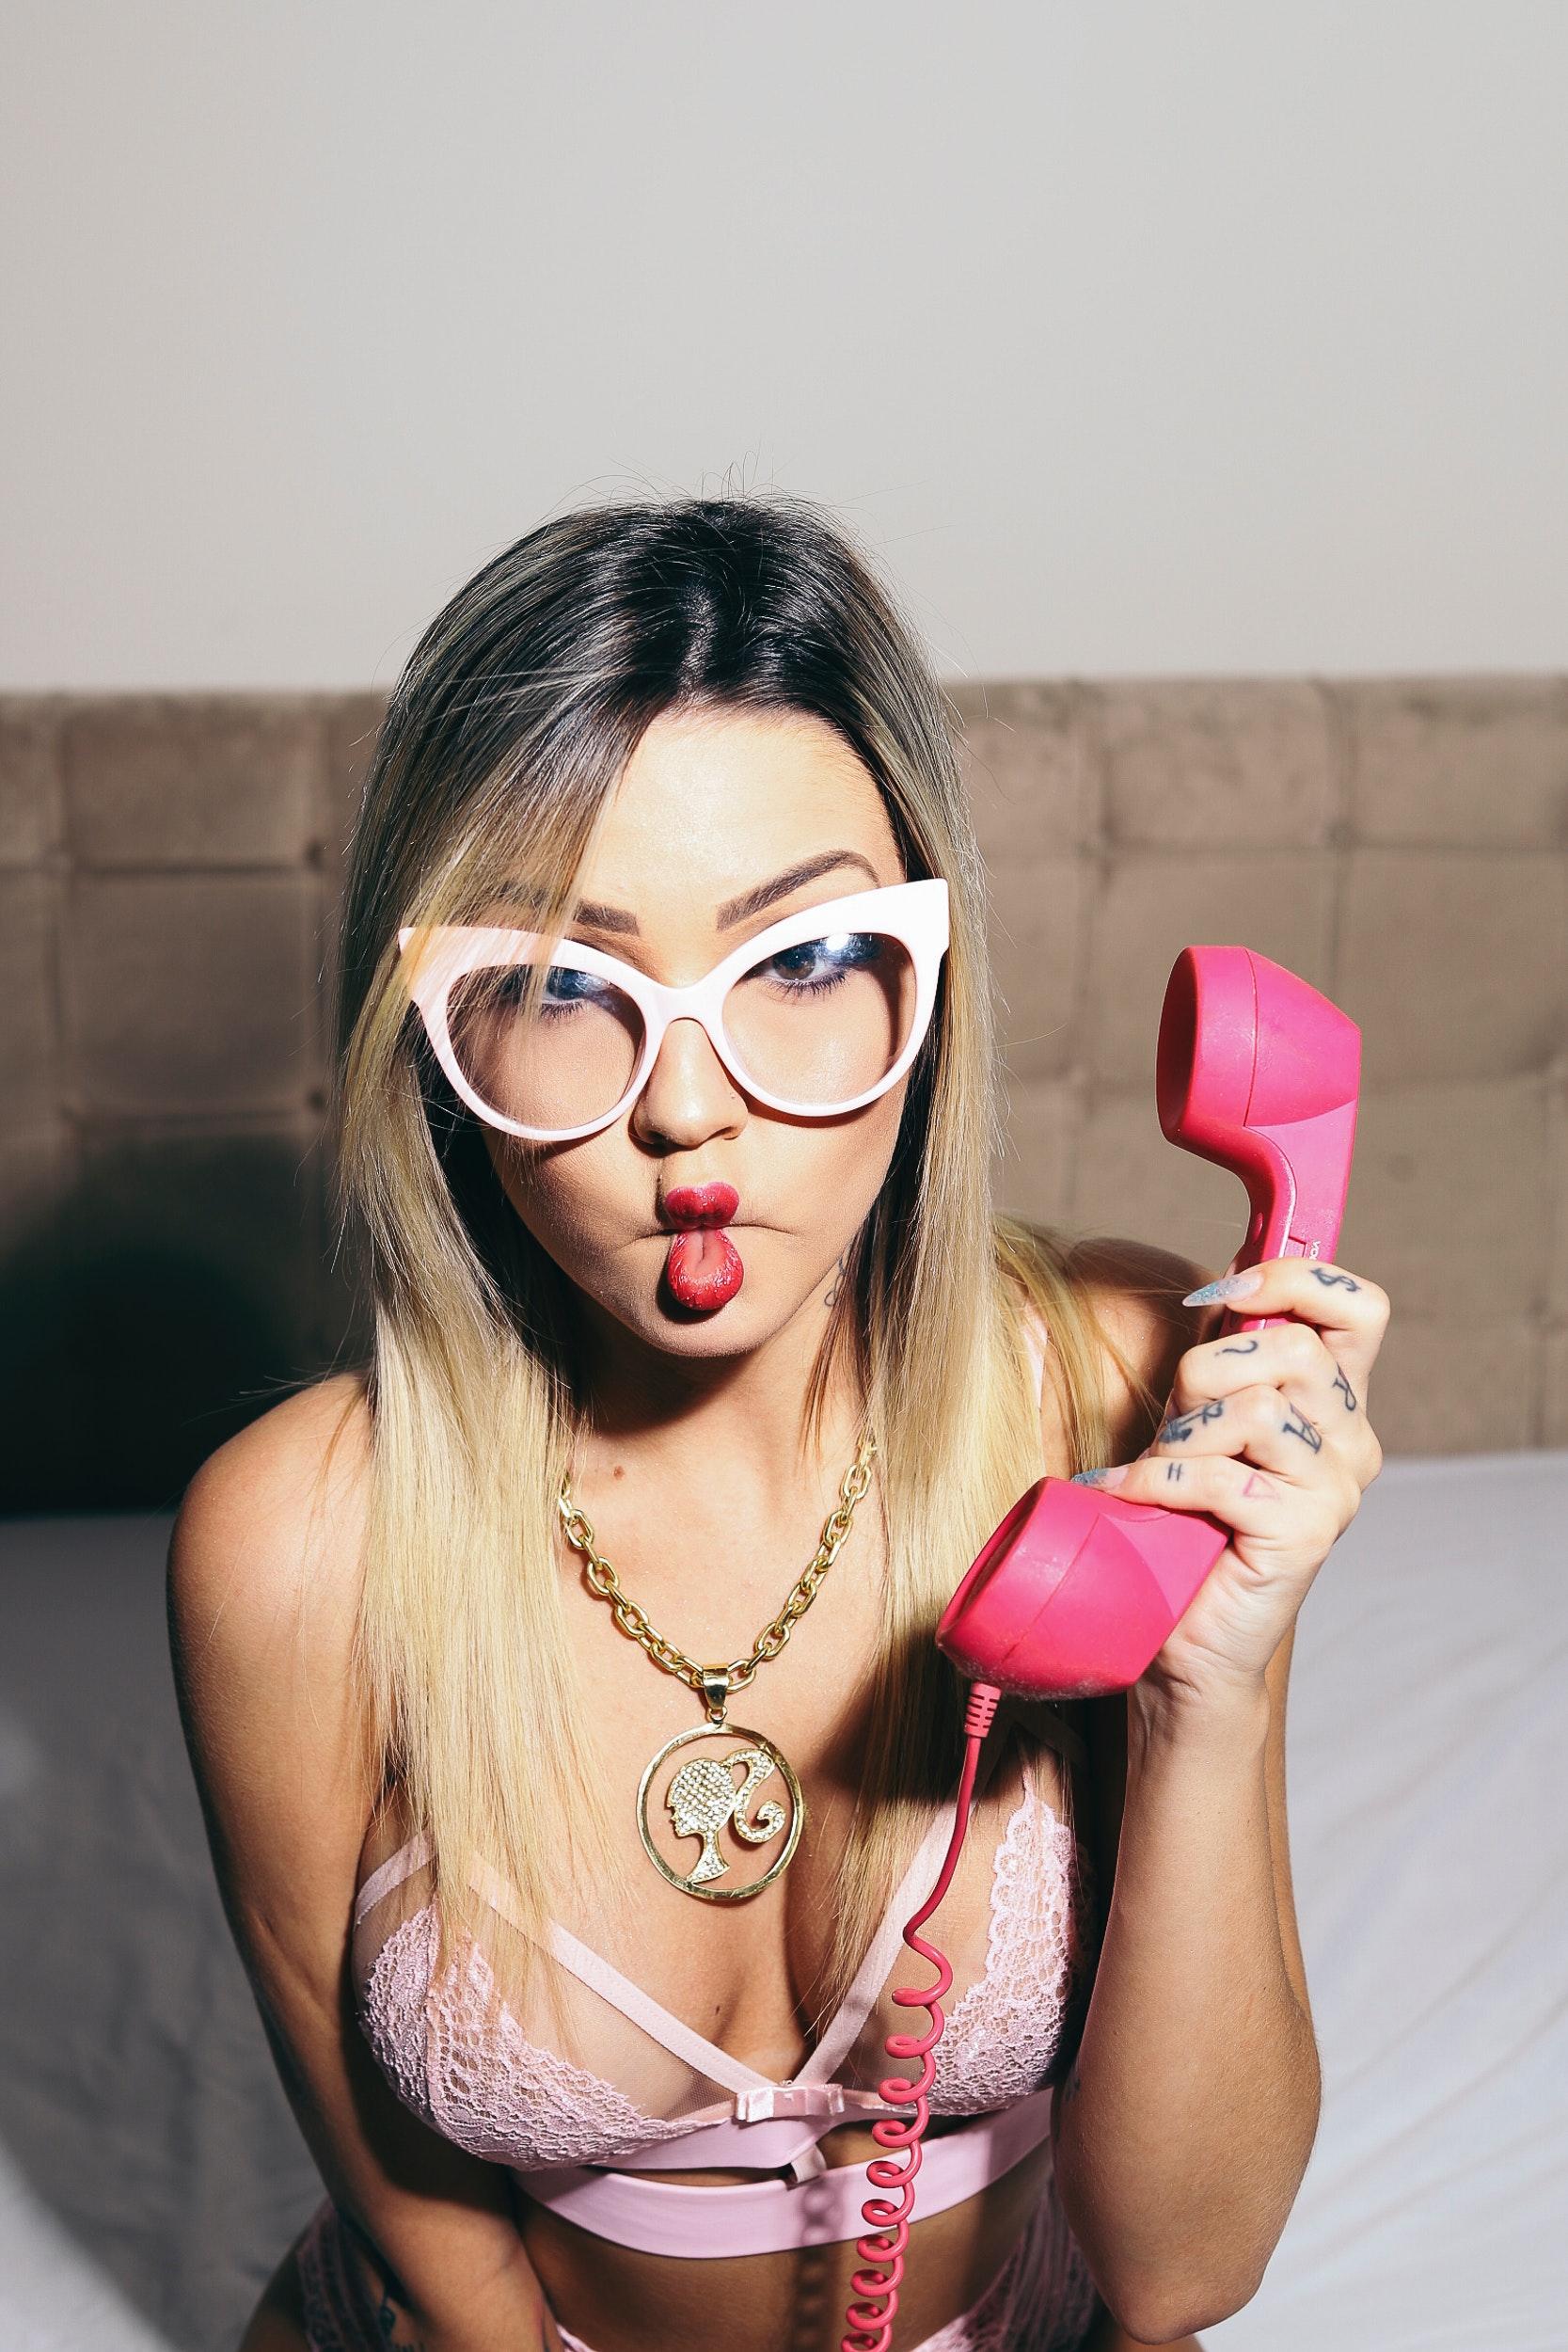 ff2176a08e25 smuk kvinde bedrift hed lingeri læber Photo shoot lyserød udgør smuk  puckered lips sexet solbriller telefon